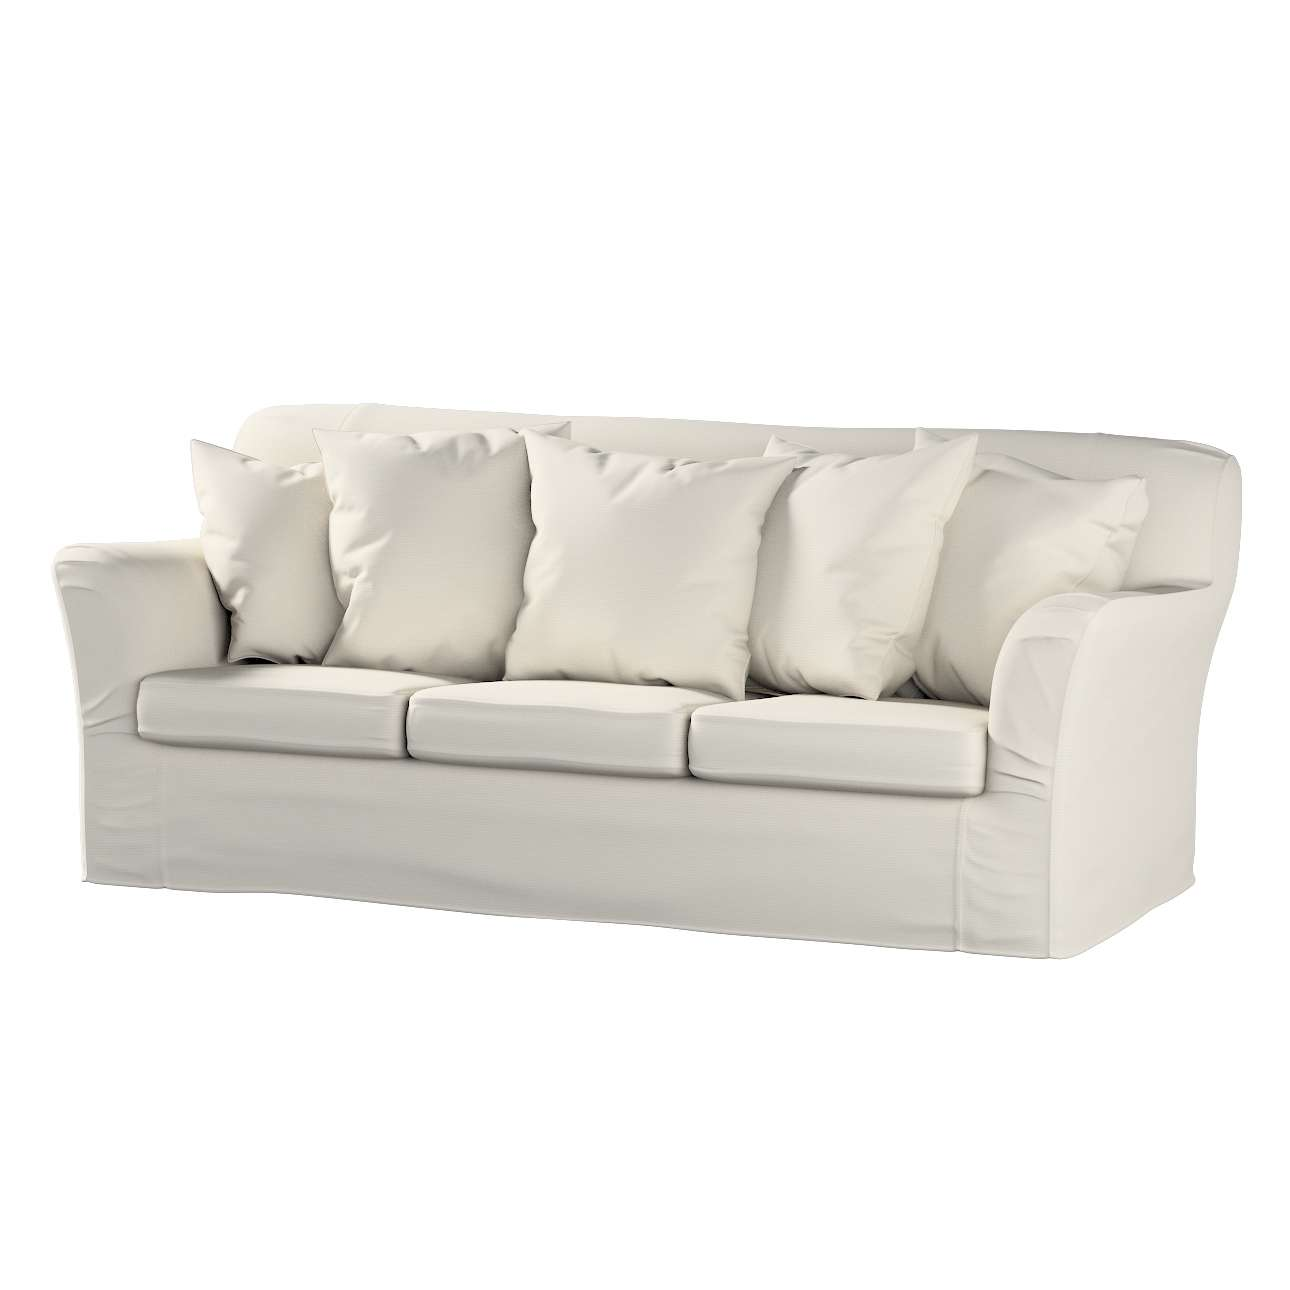 Pokrowiec na sofę Tomelilla 3-osobową nierozkładaną Sofa Tomelilla 3-osobowa w kolekcji Cotton Panama, tkanina: 702-31